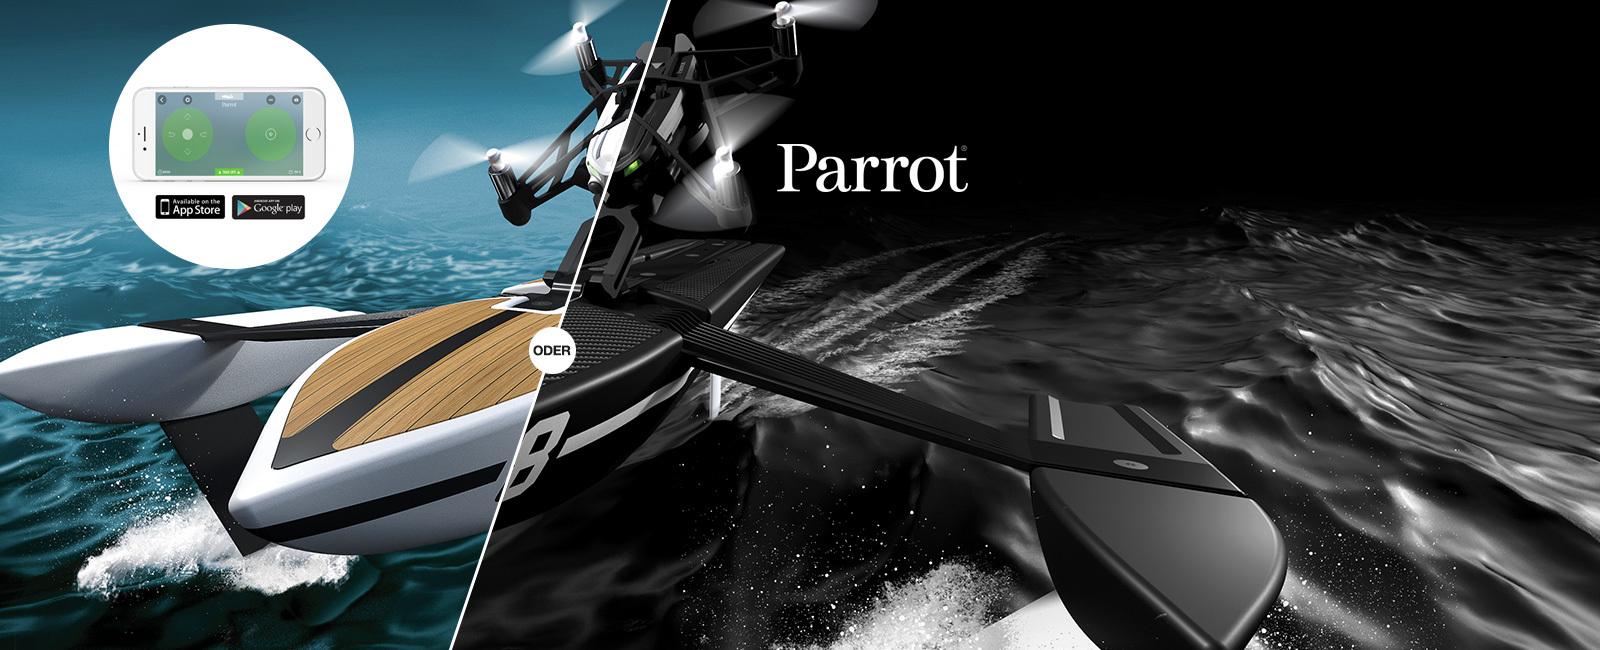 Qoqa Parrot Drone Hydrofoil Die 2 In 1 Minidrone Fr Luft Und Wasser Minidrones Orak